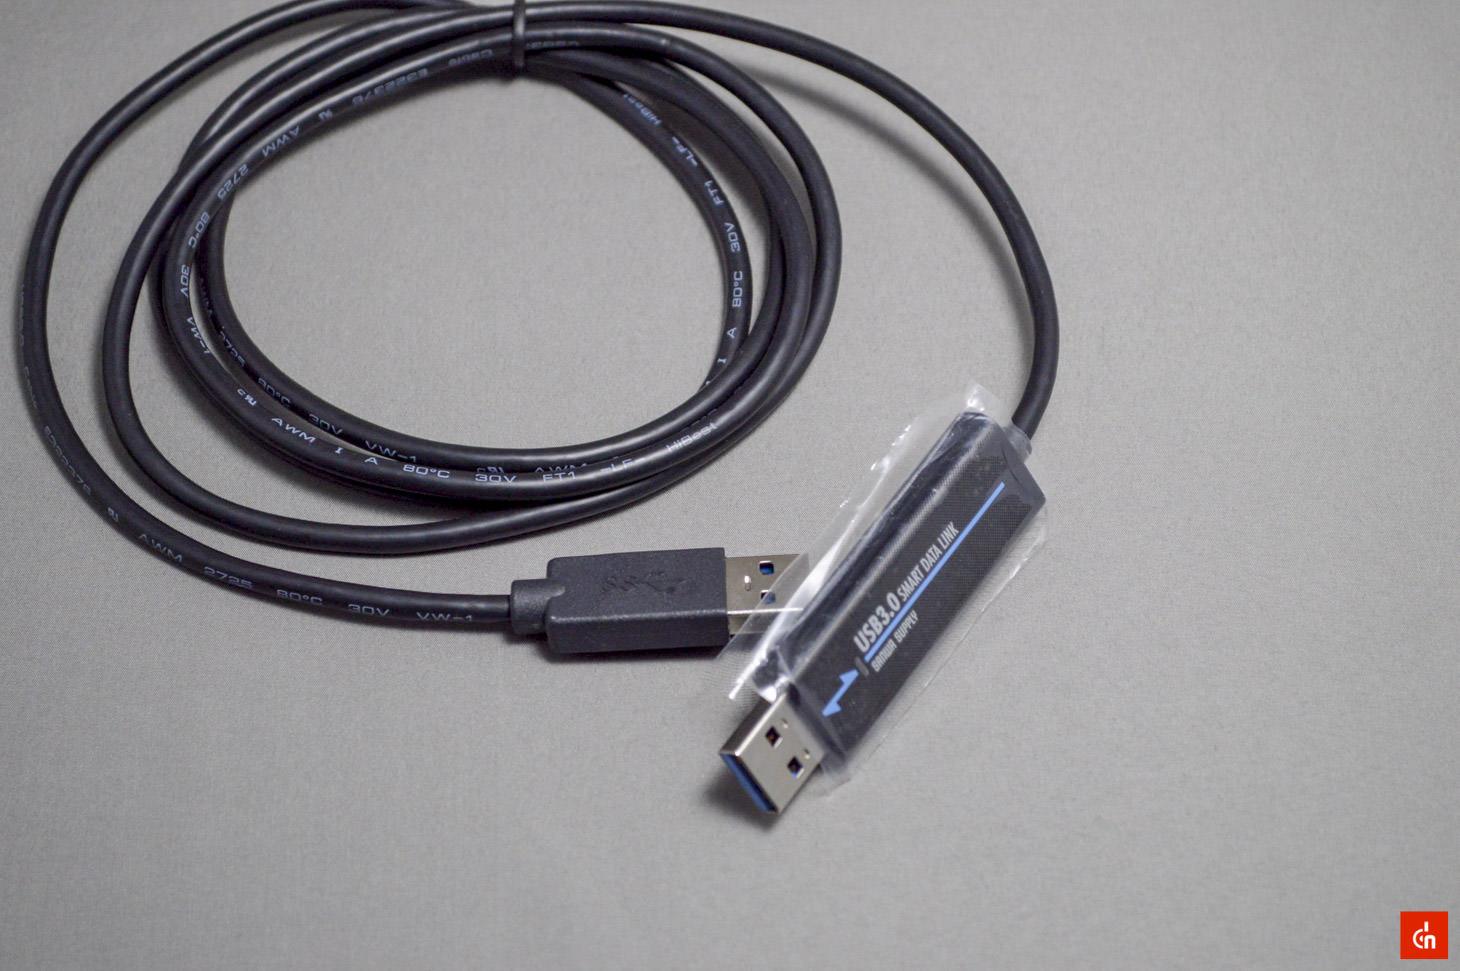 004_20160613_smart-sata-cable